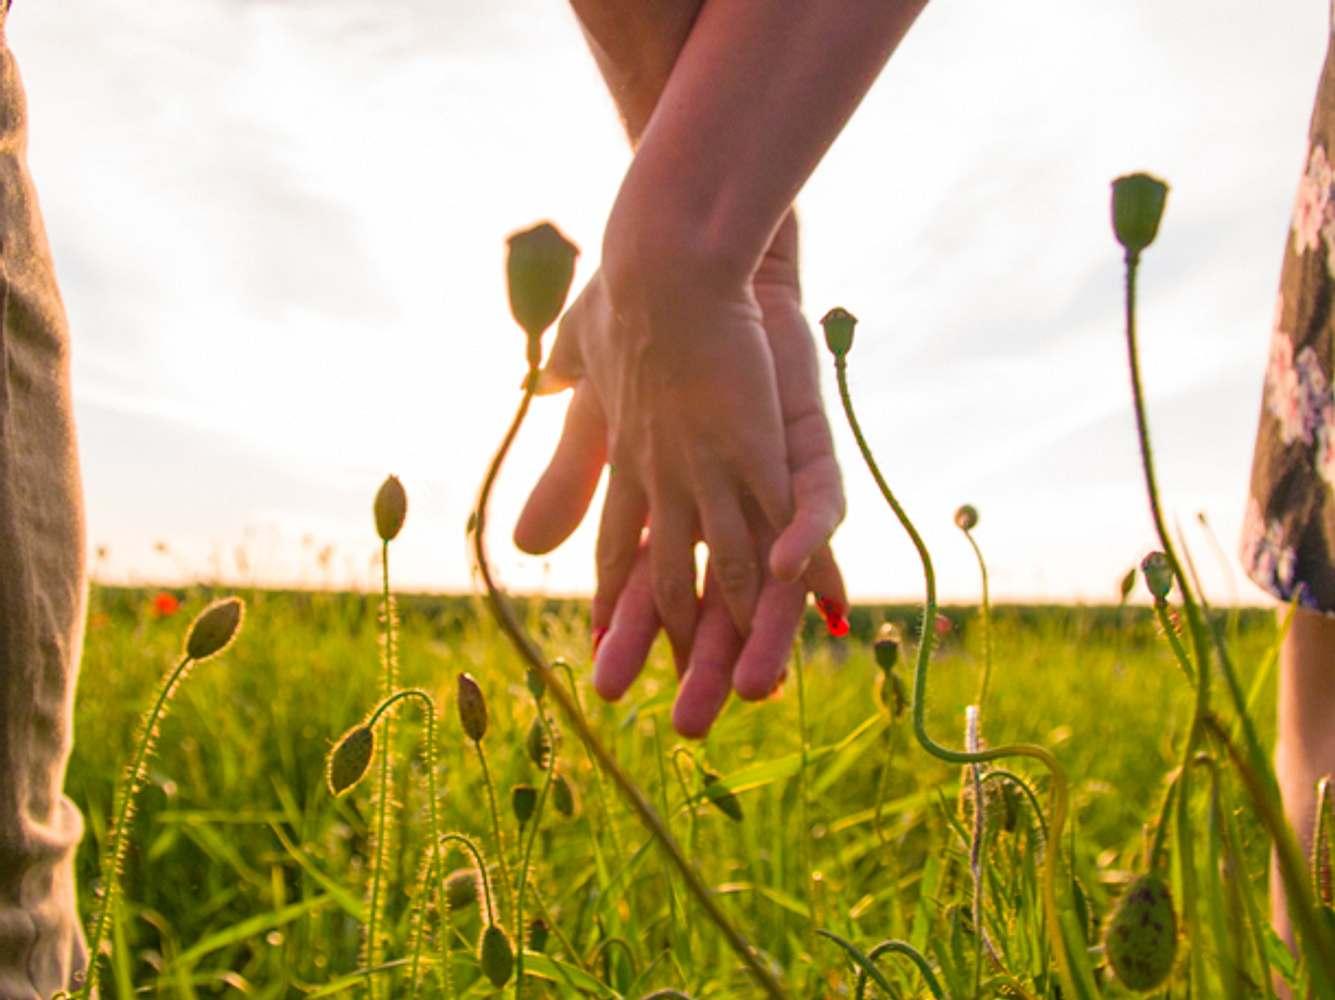 Eine gesunde Partnerschaft wünscht sich jede von uns - doch nur, wenn wir bedingungslos lieben, kann unsere Beziehung perfekt sein.